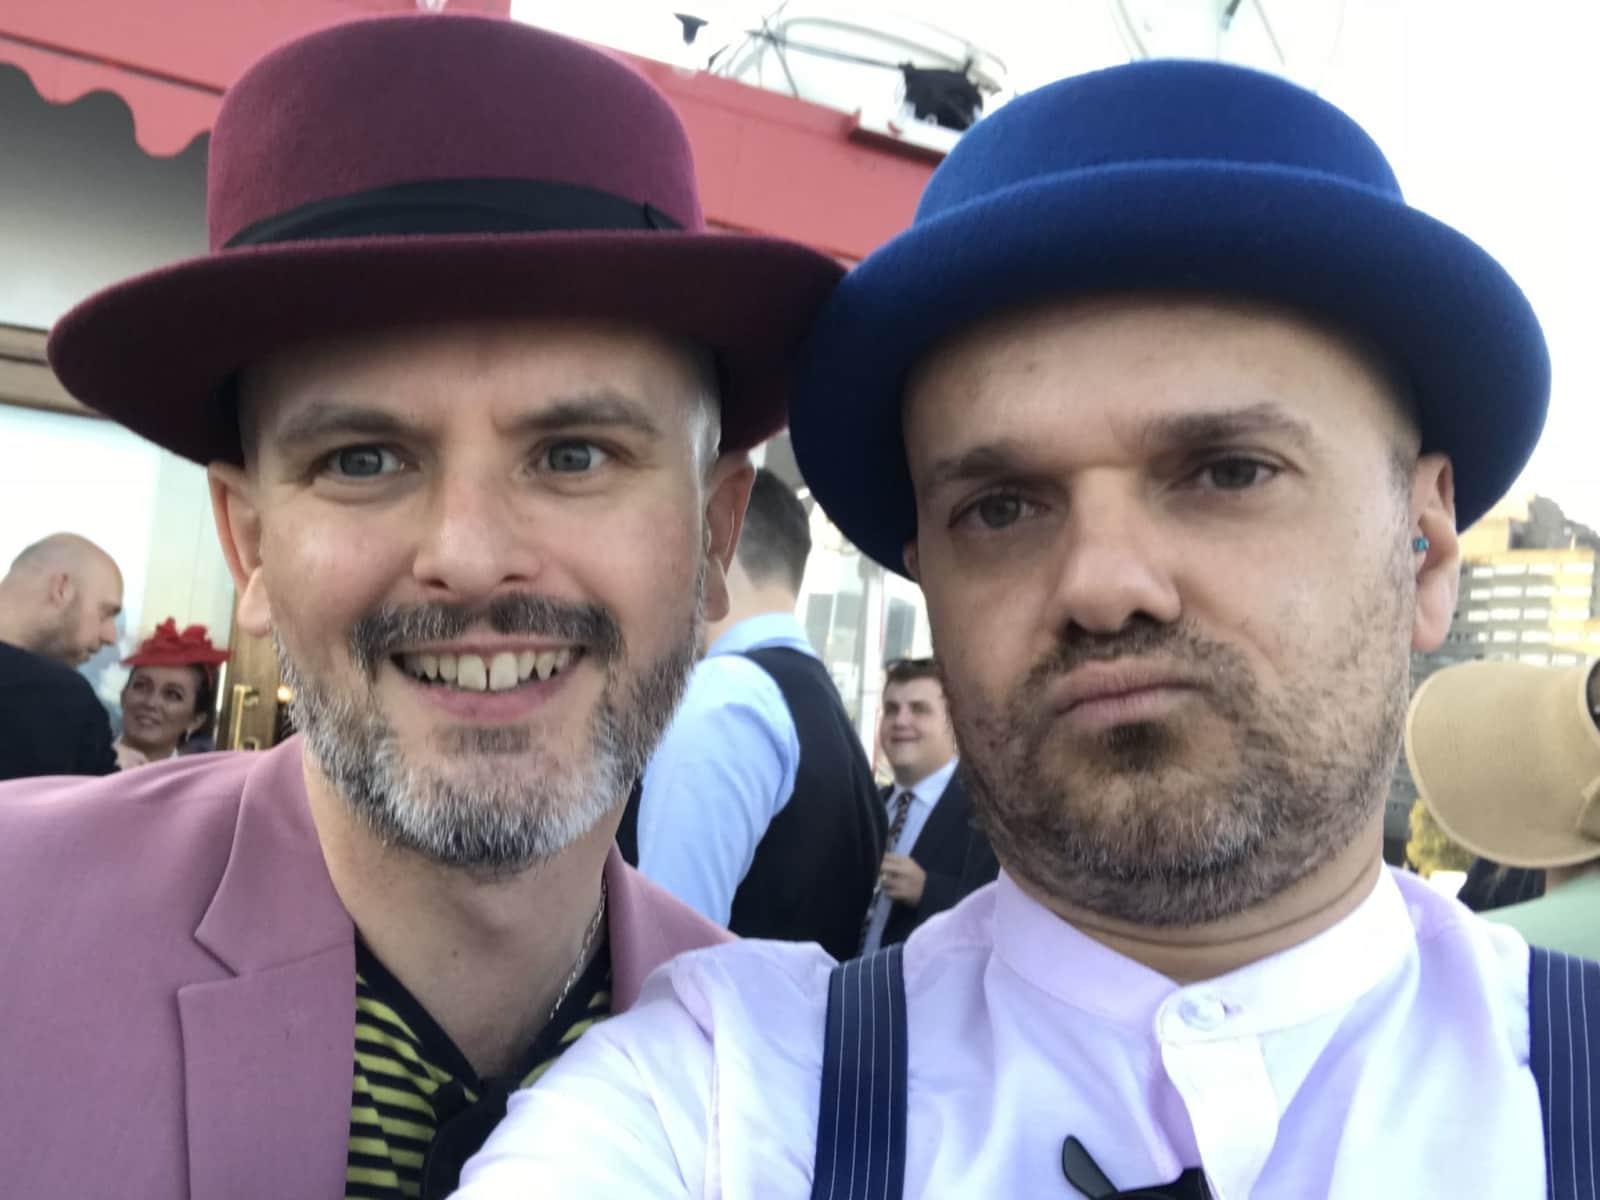 Fernando & Tony from Tottenham, United Kingdom